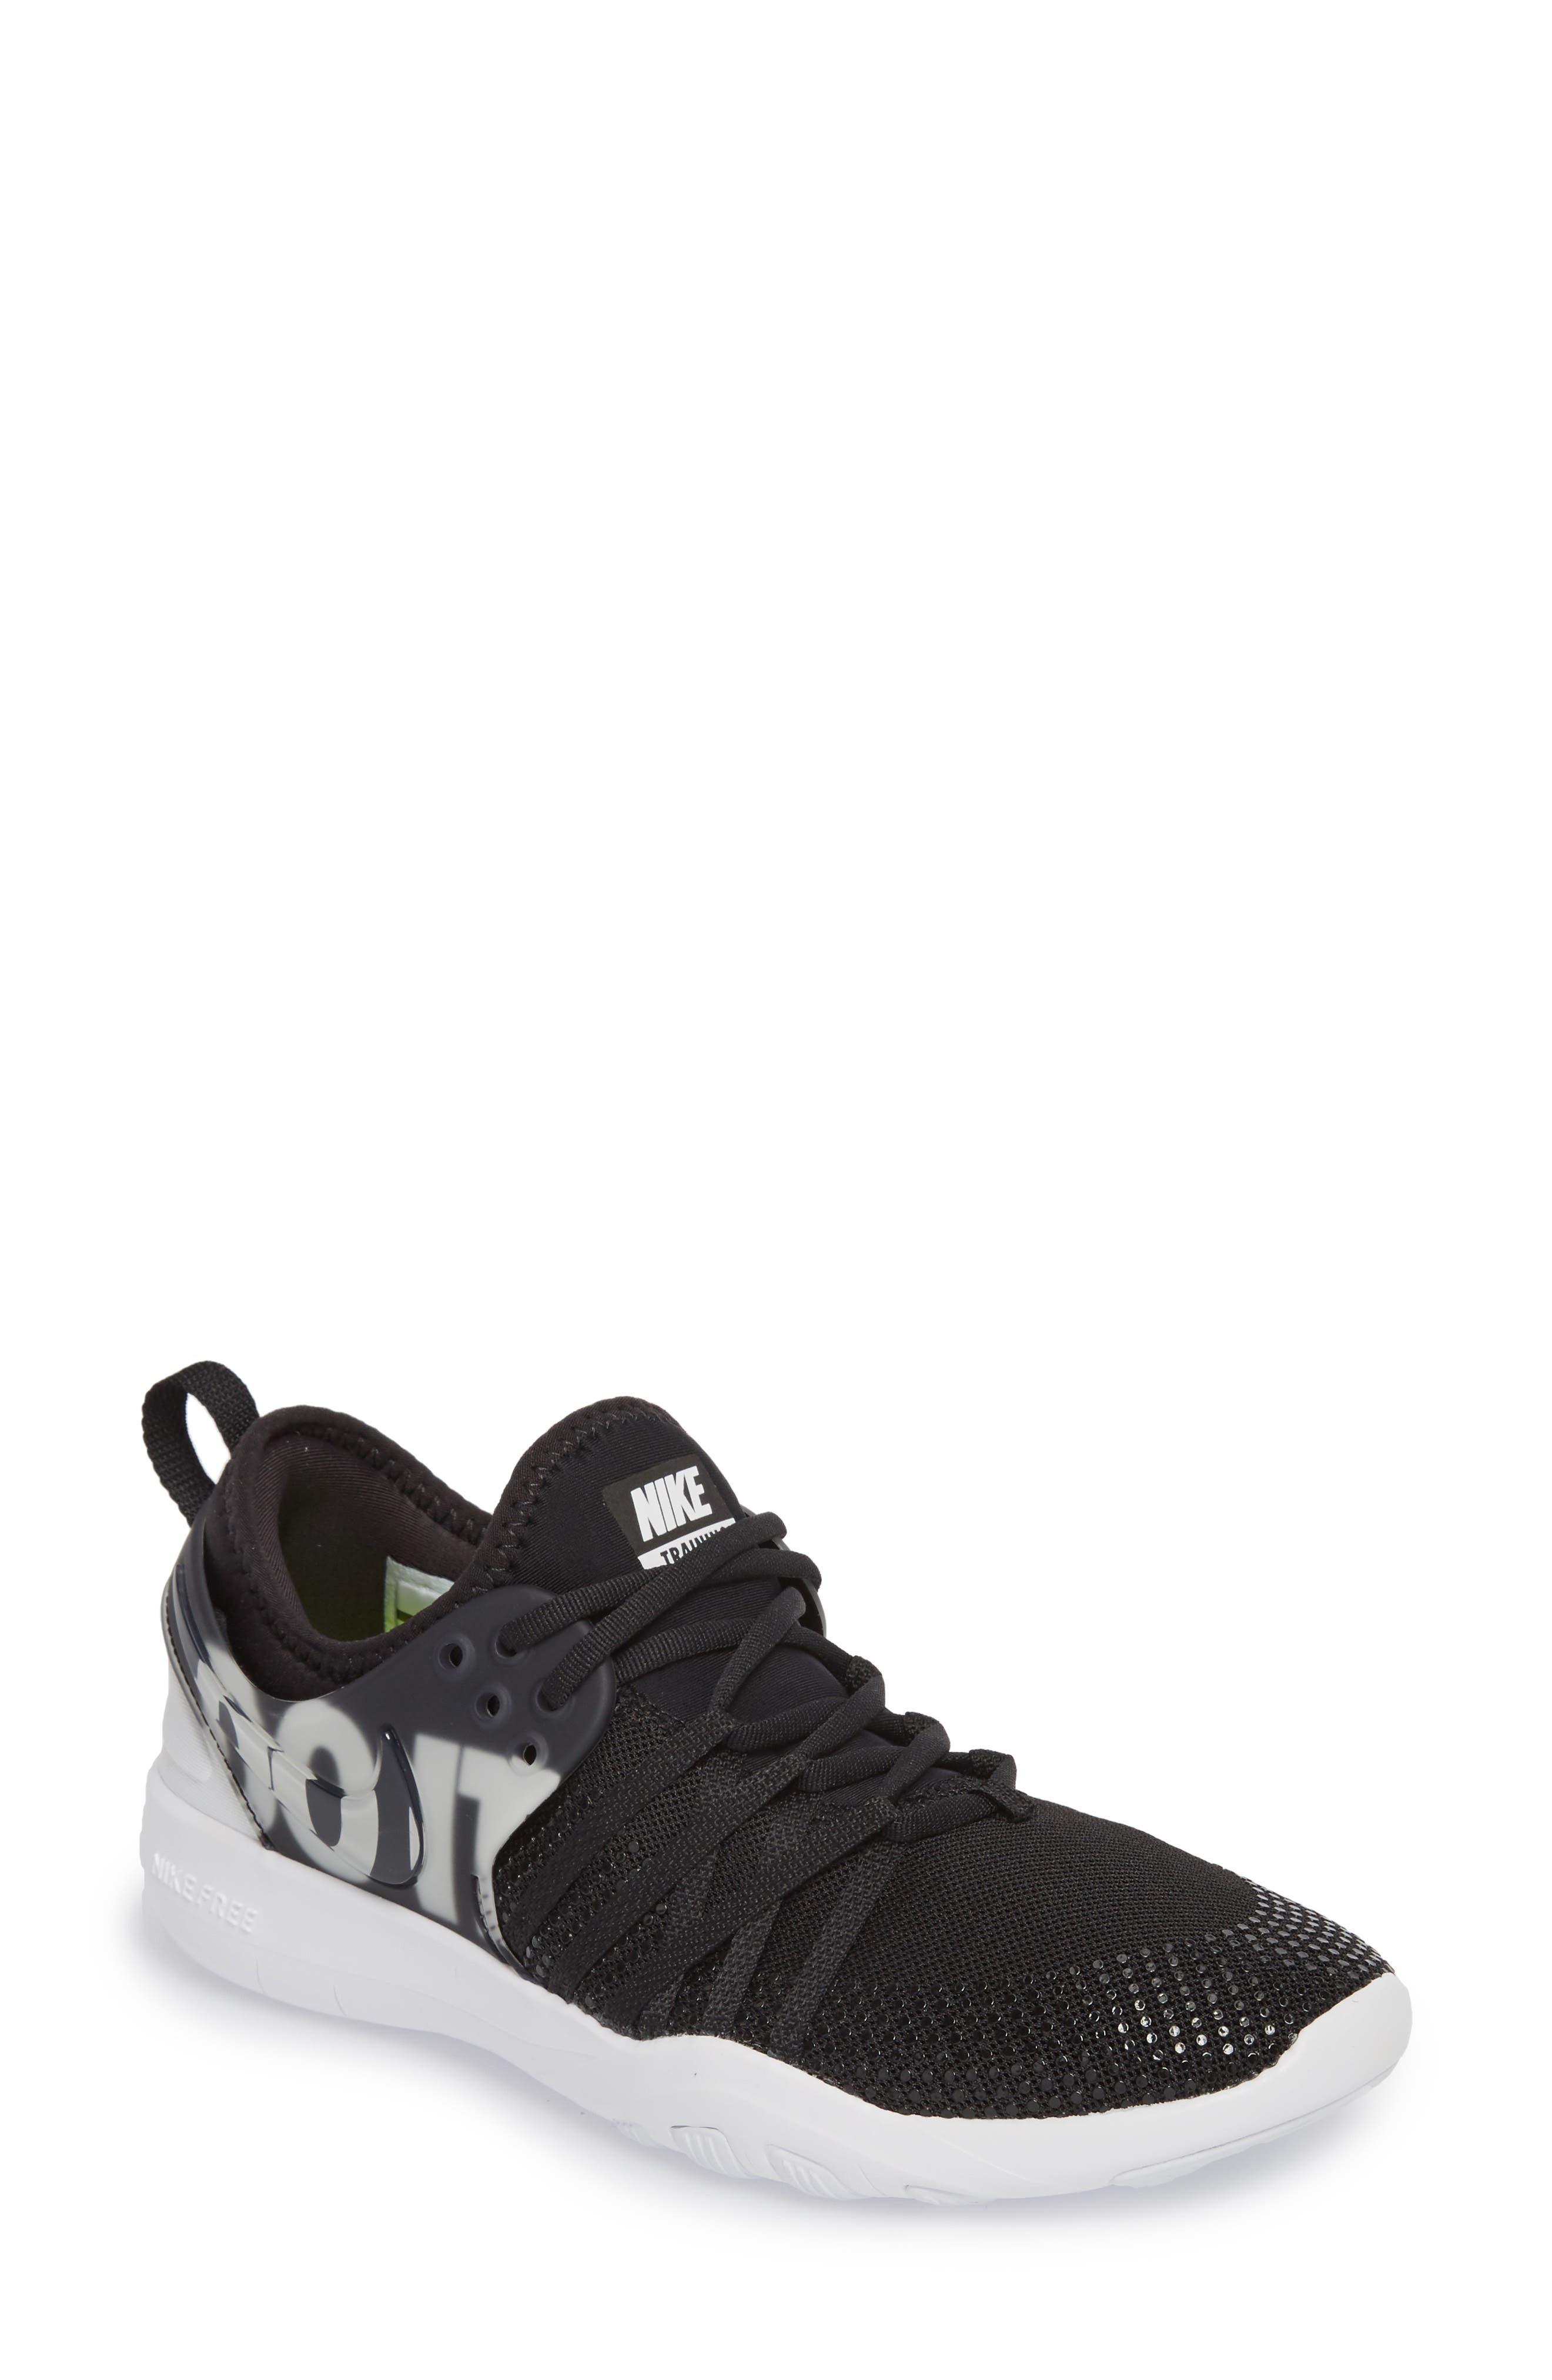 Nike Free TR 7 Premium Training Shoe